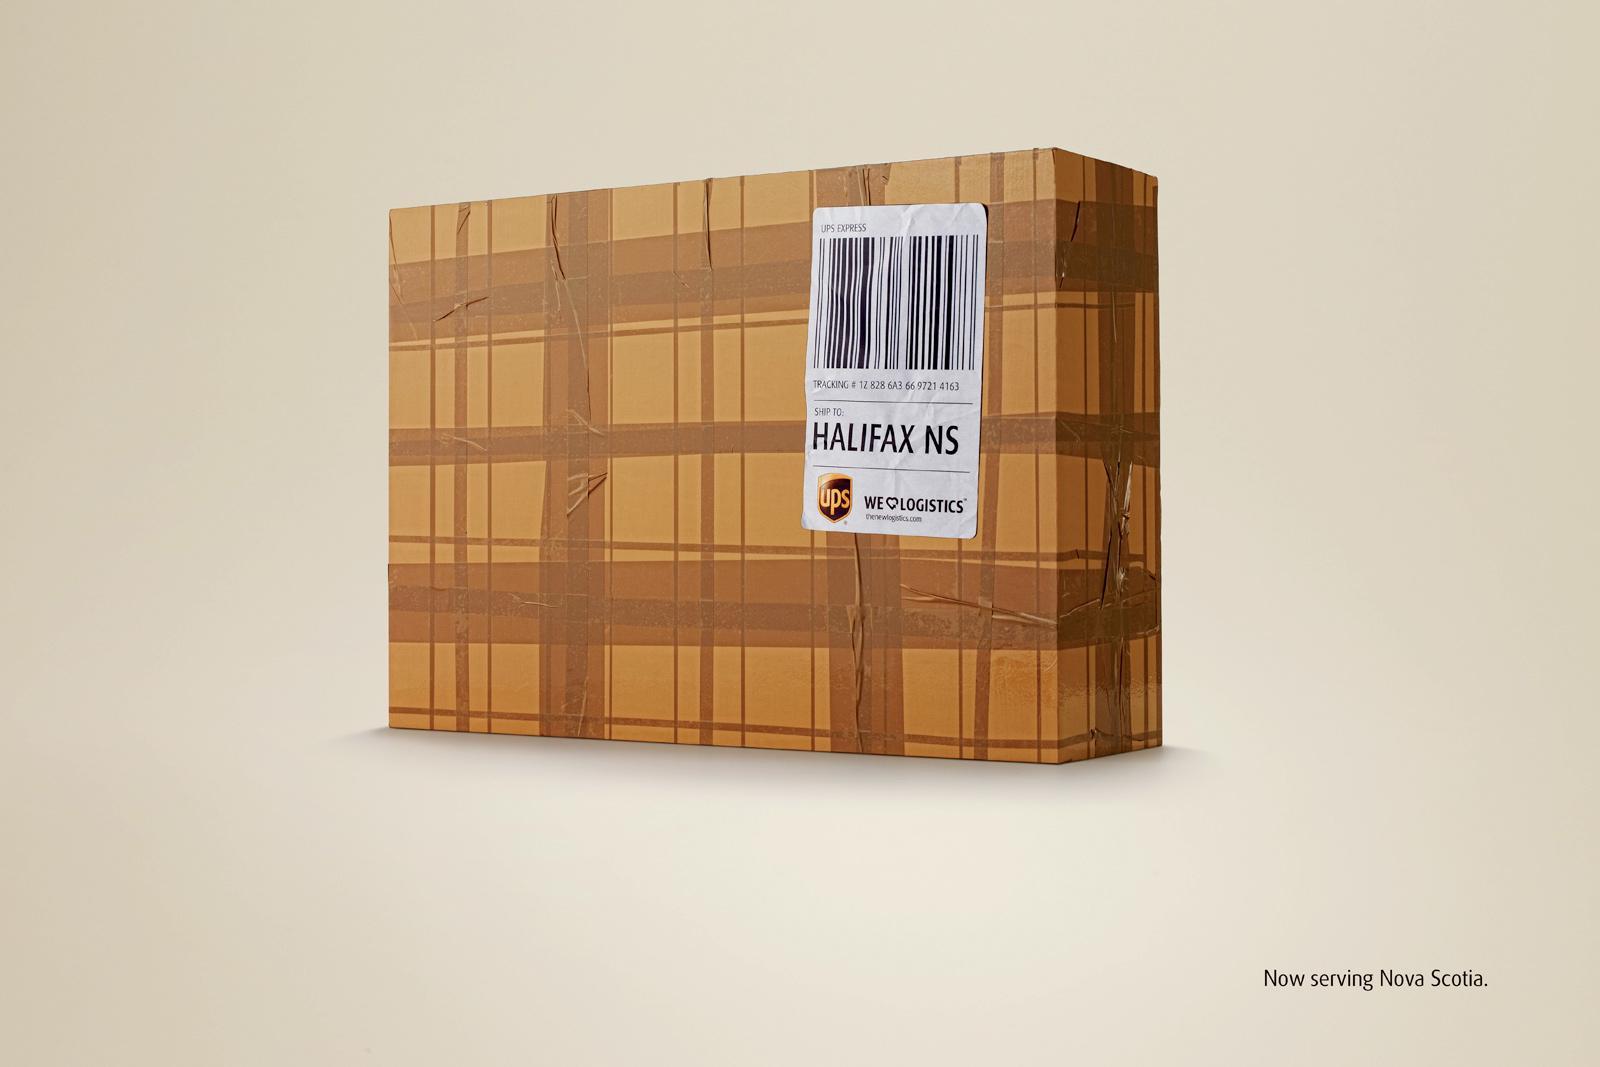 UPS Print Ad -  Tartan Box